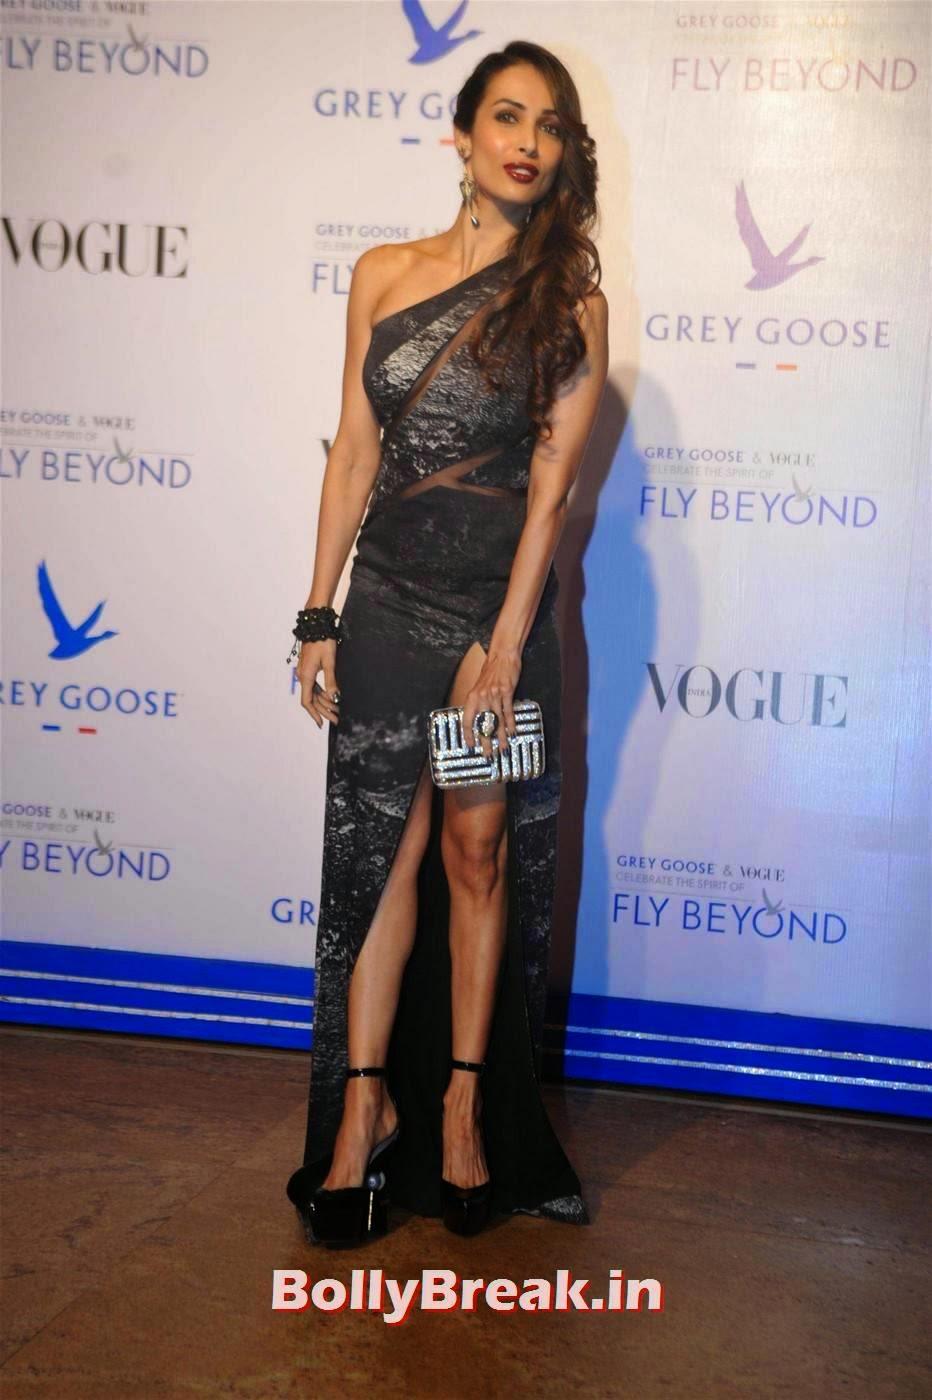 Malaika Arora Khan Unseen Stills, Malaika Arora Khan in Leg Showing Dress at Awards Function